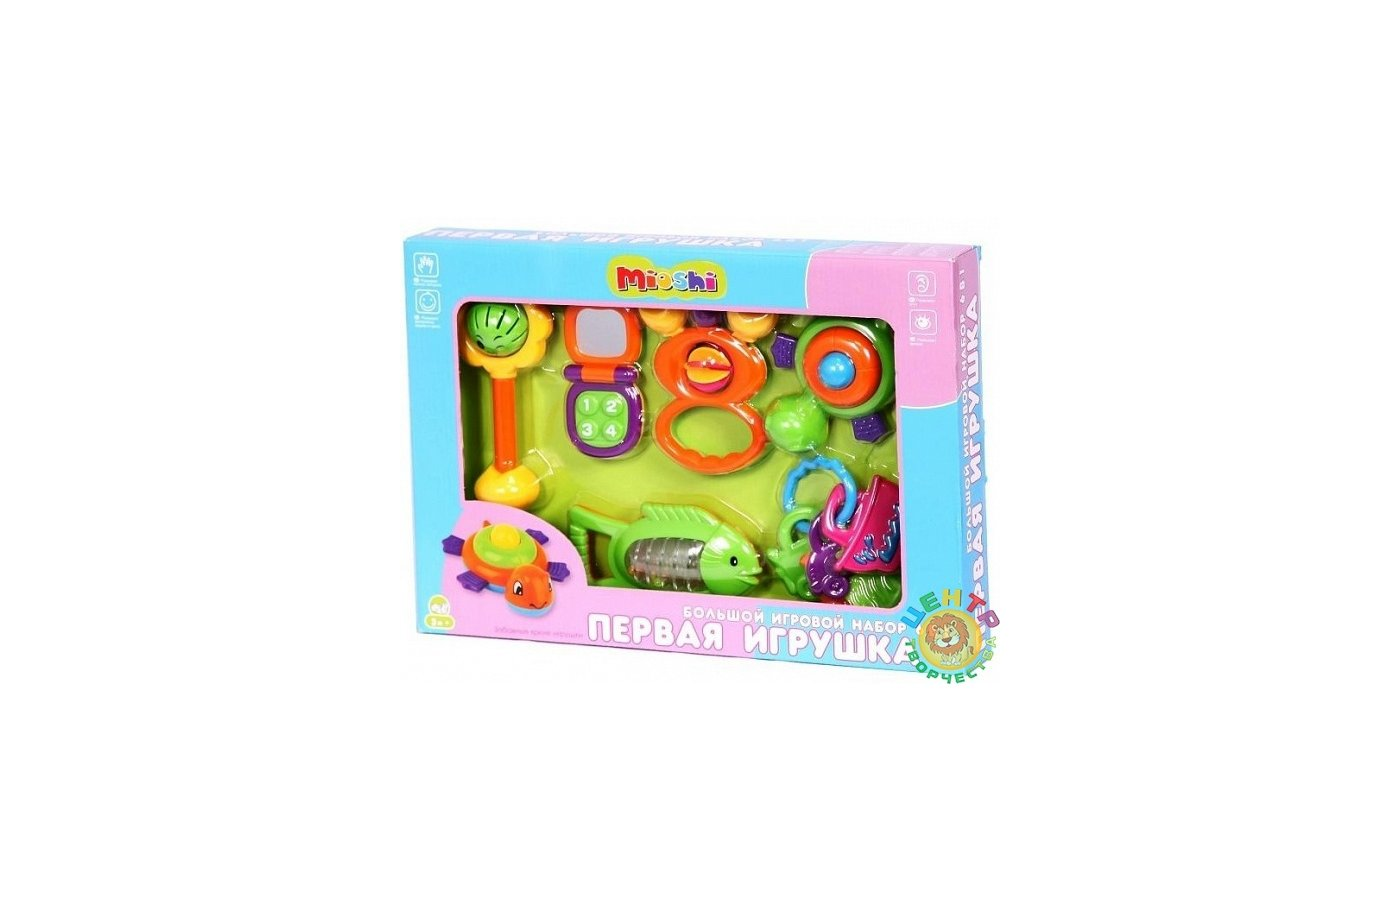 Погремушка Mioshi TY9049 Большой игровой набор 6 в 1 Первая игрушка